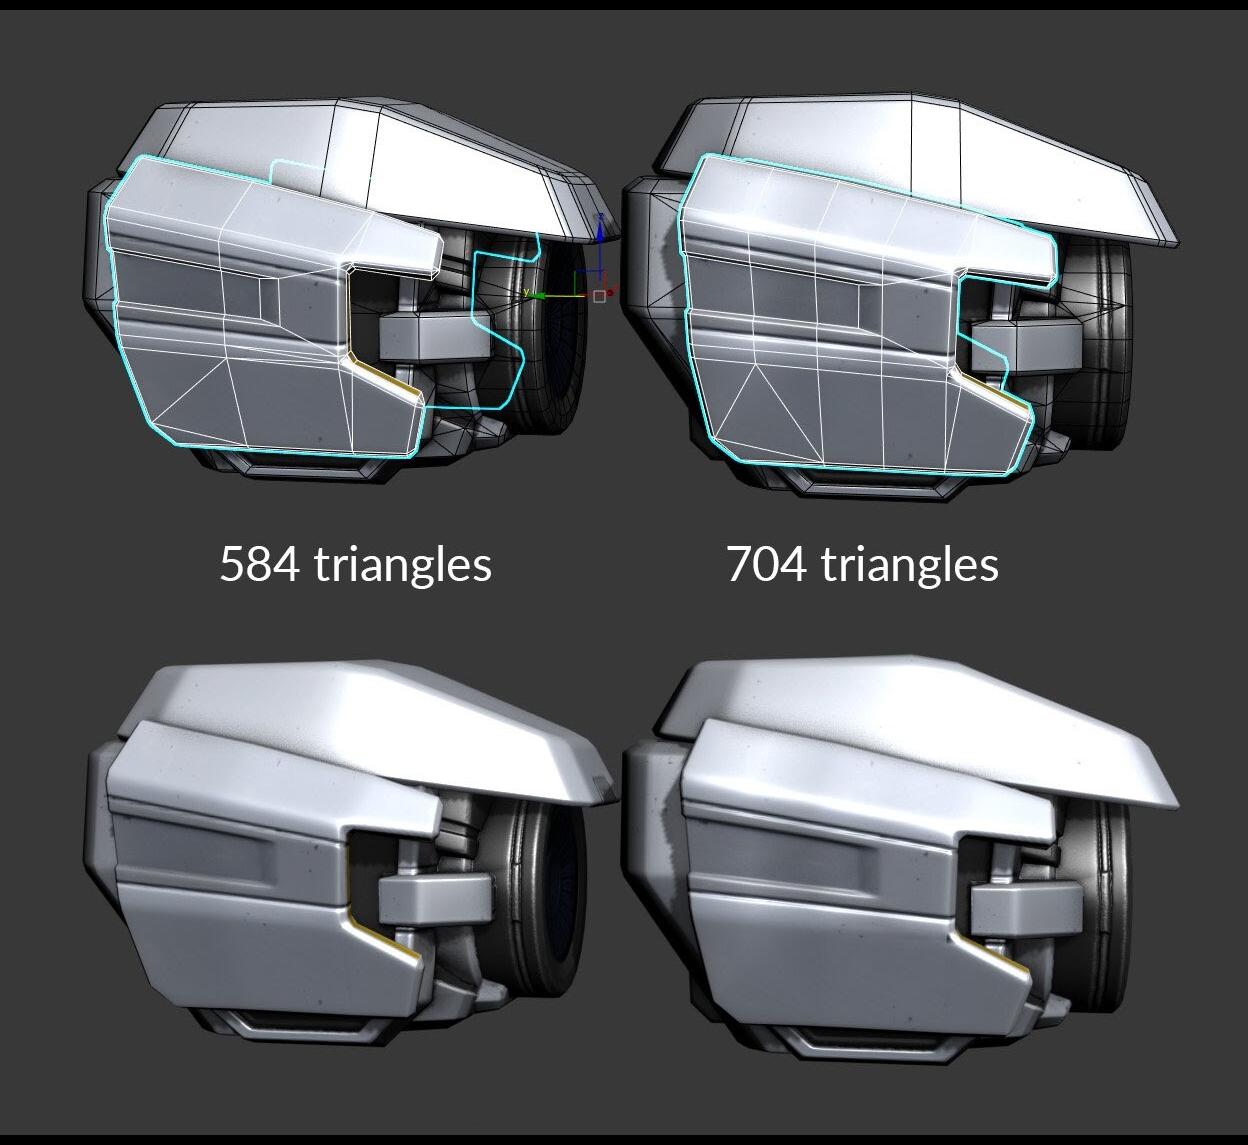 왼쪽 객체에는 584개의 삼각형이 있고 오른쪽 객체에는 704개의 삼각형이 있습니다.